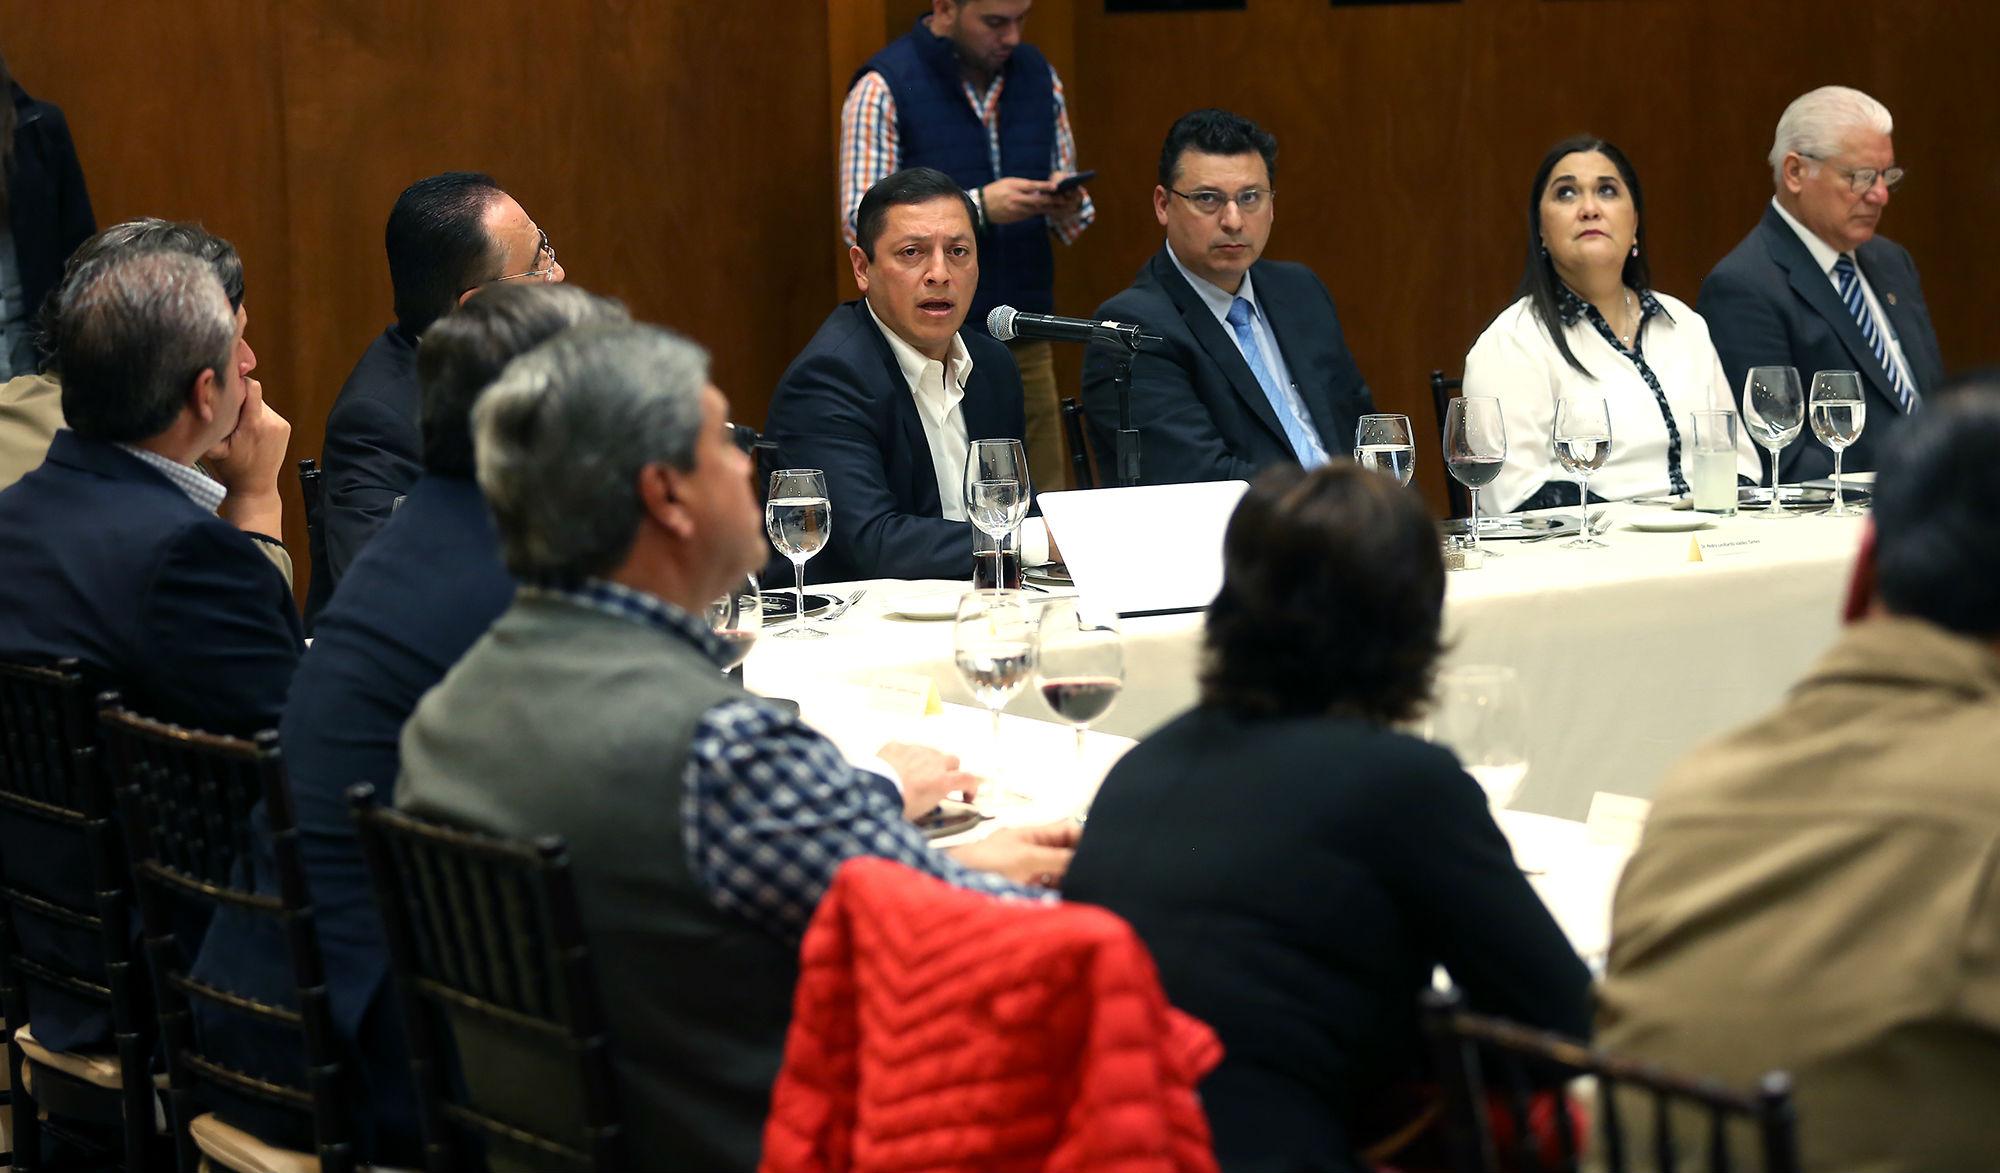 Francisco Fabela, Director de Planificación y Ordenamiento de Espacios Universitarios y Edificios de la UANL